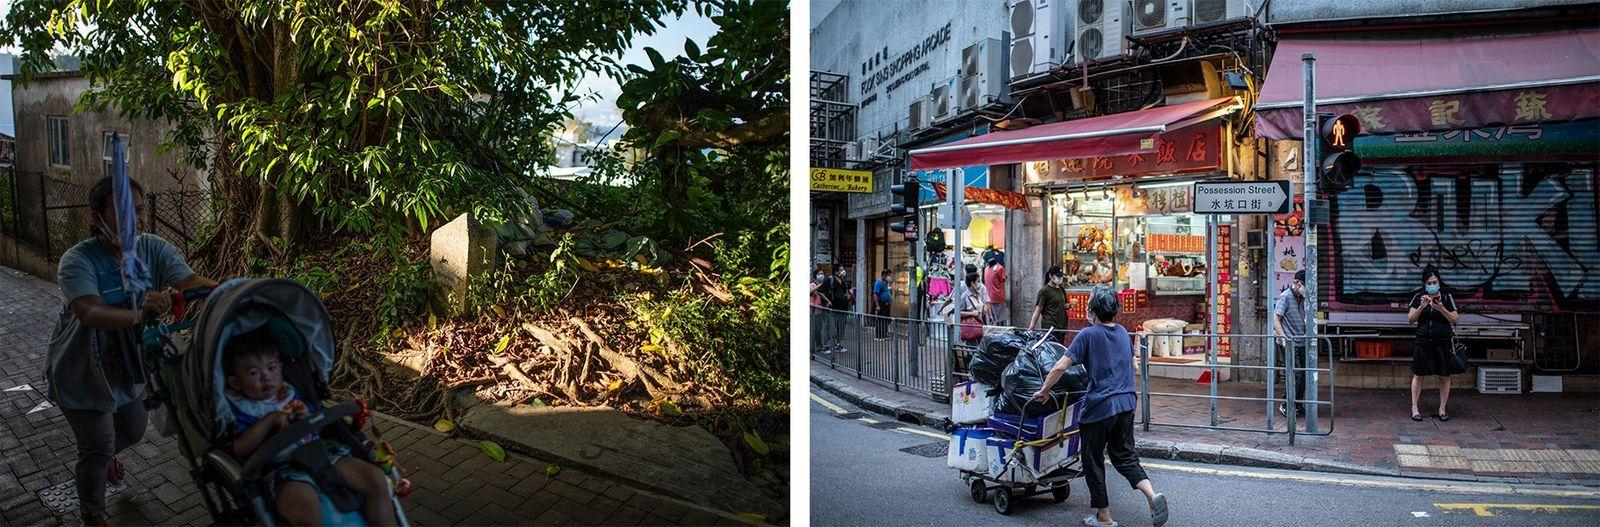 Esquerda: Pessoas passam por uma das pedras de fronteira na Ilha Cheung Chau, pedras que foram ...